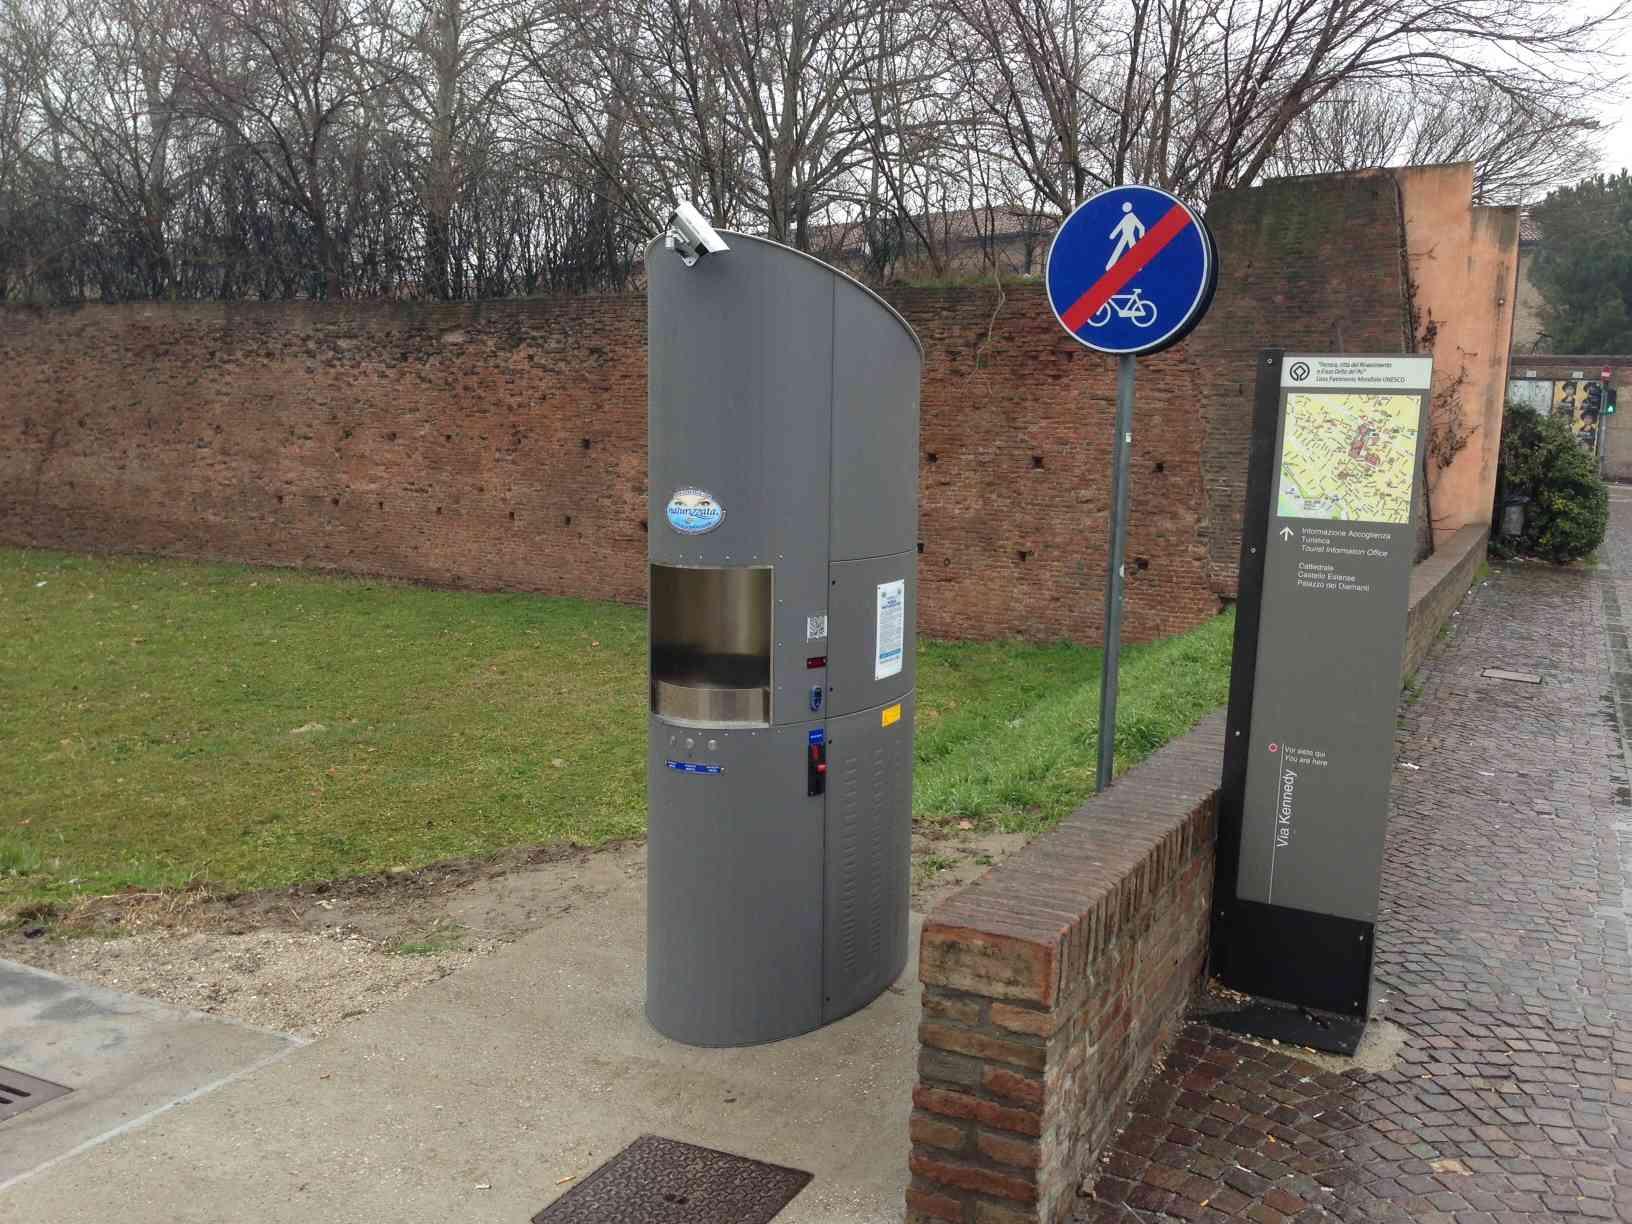 Installato un distributore automatico di acqua potabile in via Kennedy